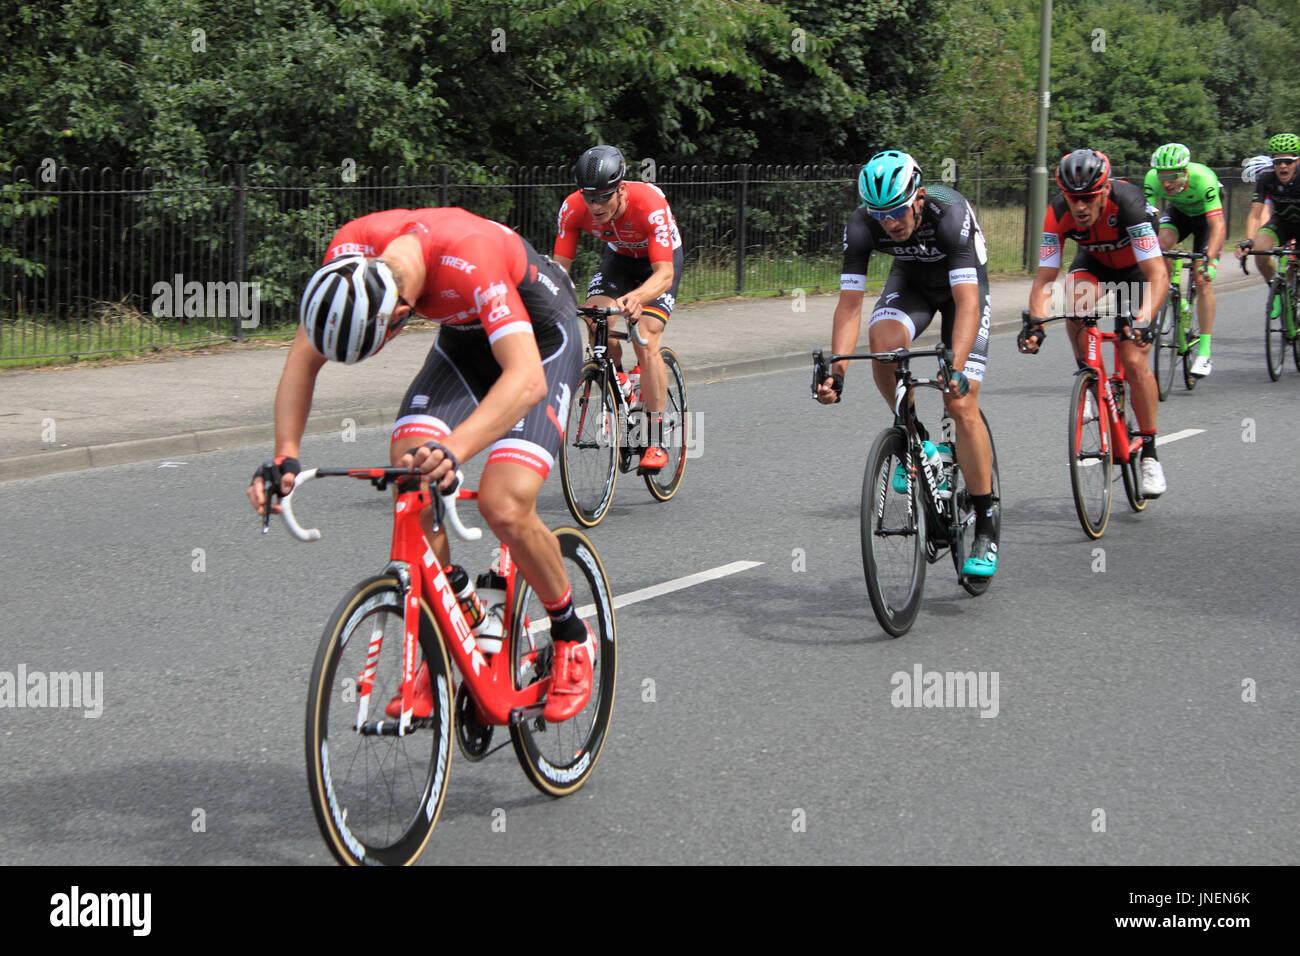 Von links nach rechts: Matthias Brändle (Trek-Segafredo) André Greipel (Lotto-Saudal), Pascal Ackermann (Bora-Hansgrohe) und Manuel Quinziato (BMC Racing). RideLondon-Surrey Klassiker. Hurst Road, East Molesey, Surrey, UK. 30. Juli 2017. UCI World Tour klassifiziert, Tages-140km Straßenlauf Start und Ziel im Zentrum von London. Die Route basiert auf den Kurs für die Olympischen Spiele 2012 verwendet und nimmt dem Fahrer aus London in Surrey Hills. Bildnachweis: Ian Flasche/Alamy Live-Nachrichten Stockbild